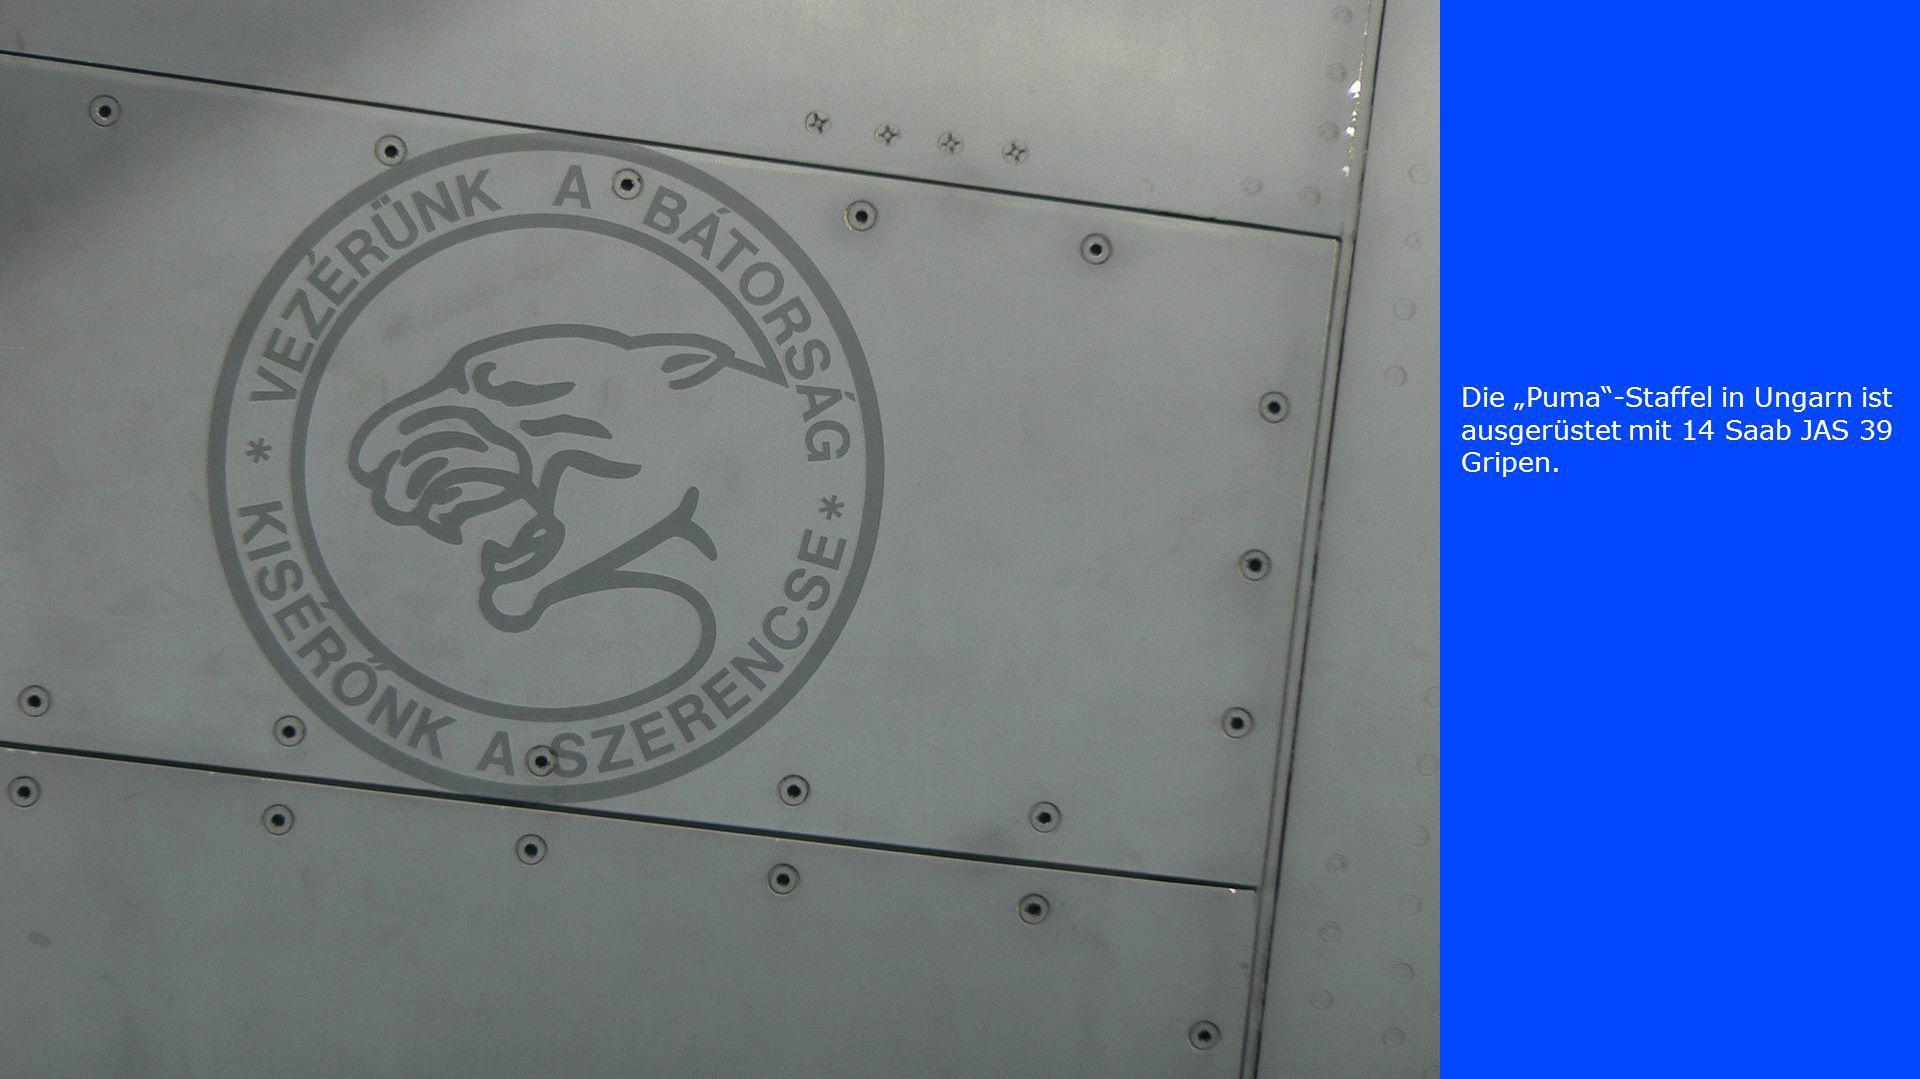 """Die """"Puma -Staffel in Ungarn ist ausgerüstet mit 14 Saab JAS 39 Gripen."""